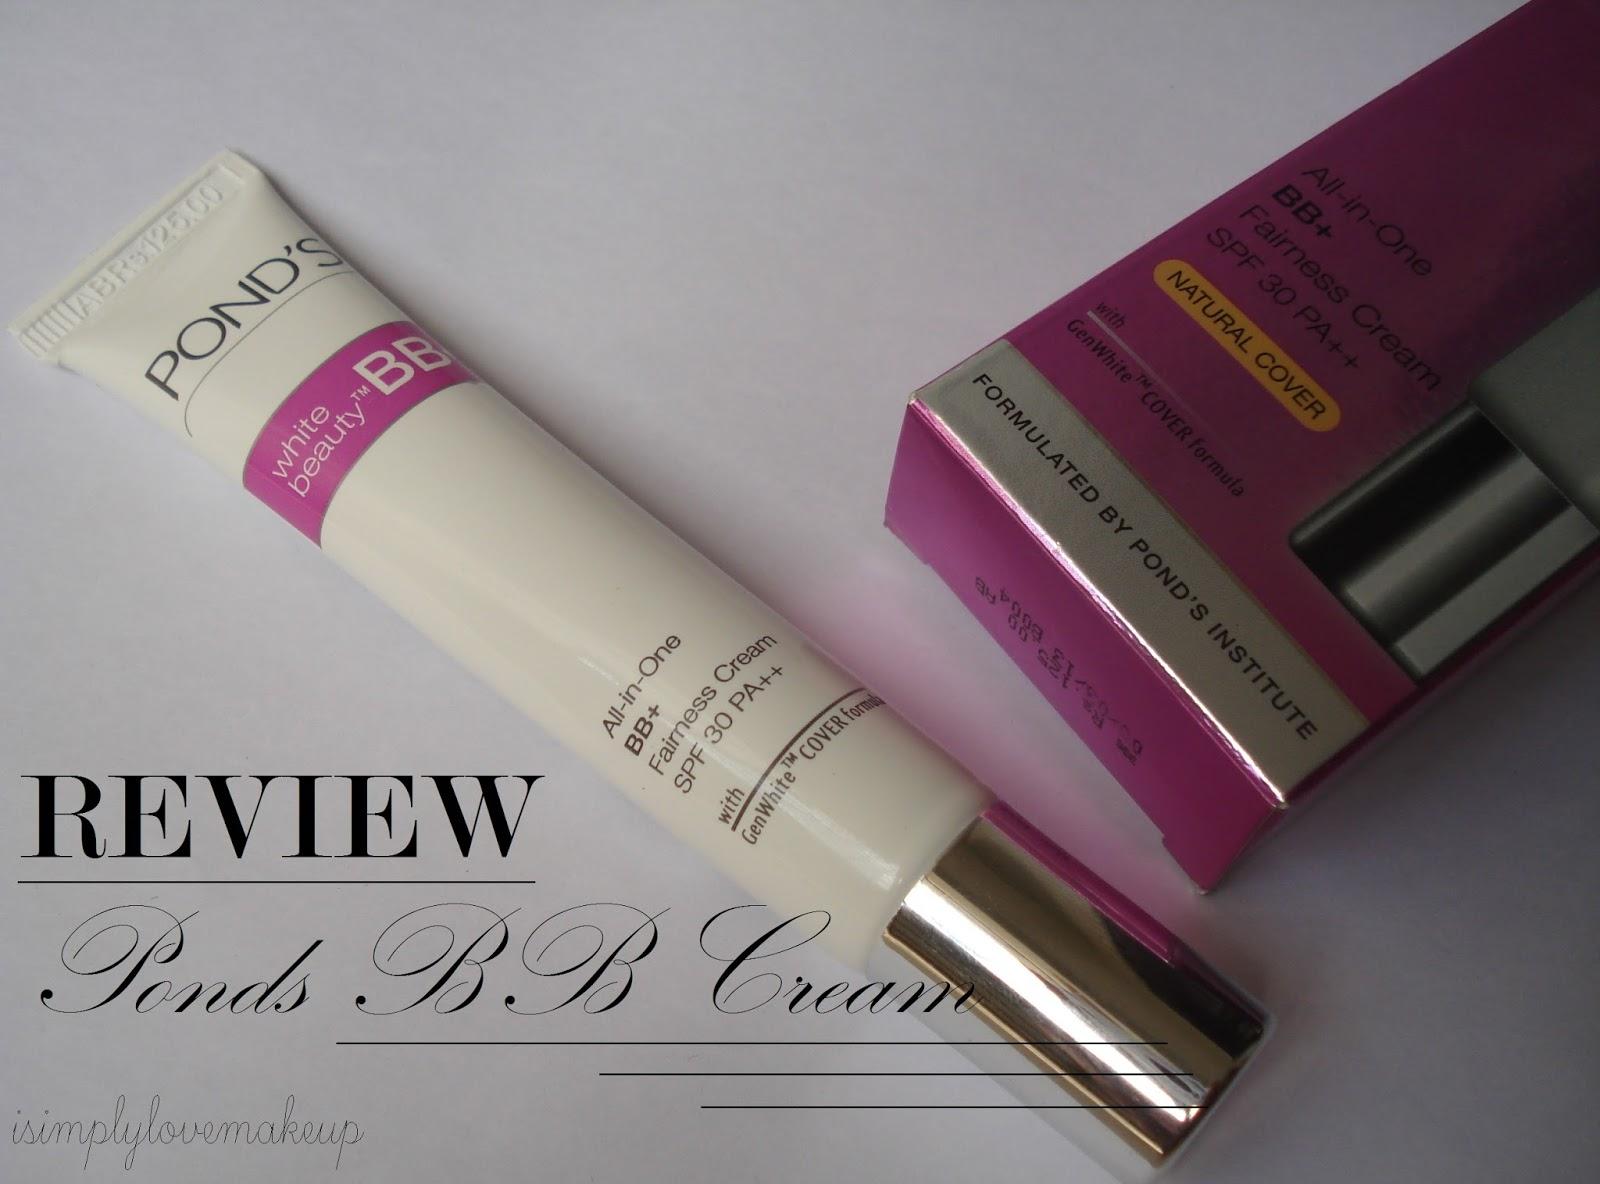 Ponds BB+ Cream Review